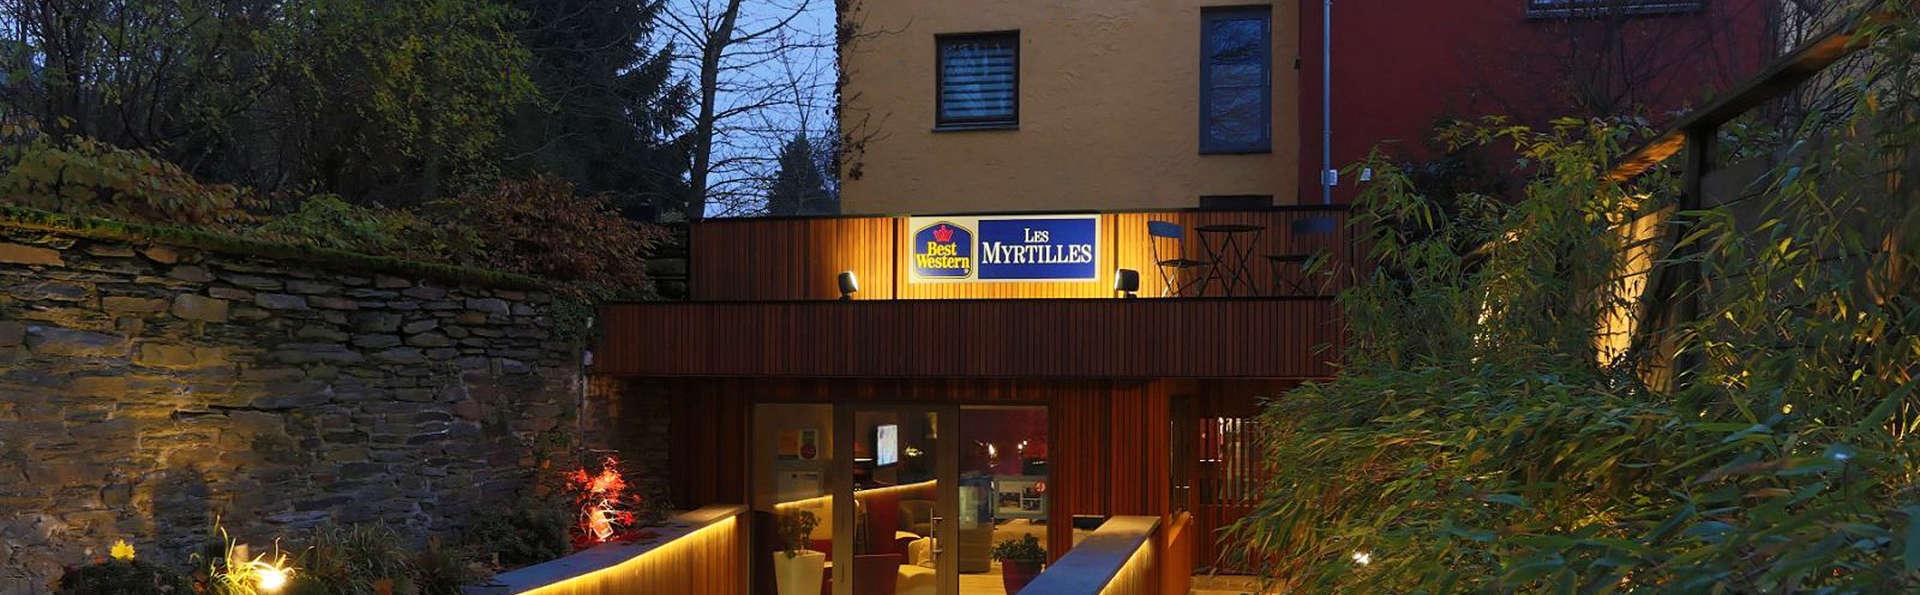 Hotel Myrtilles - EDIT_Exterior.jpg